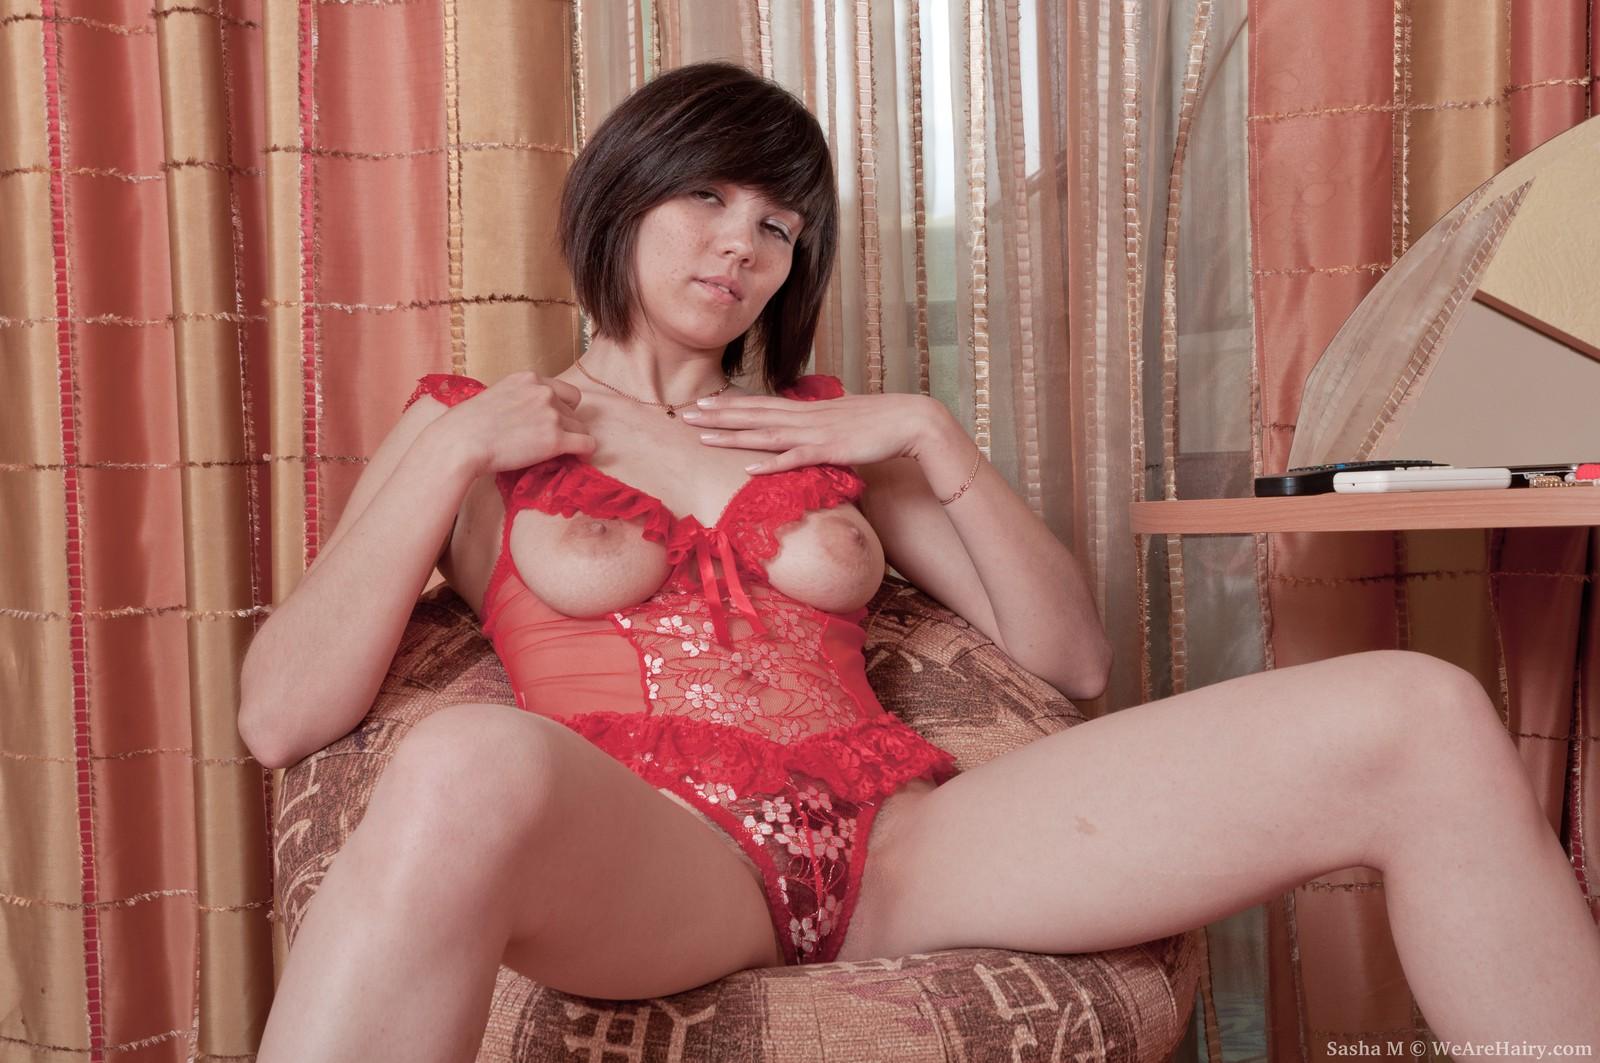 Фото жены в прозрачном белье 12 фотография